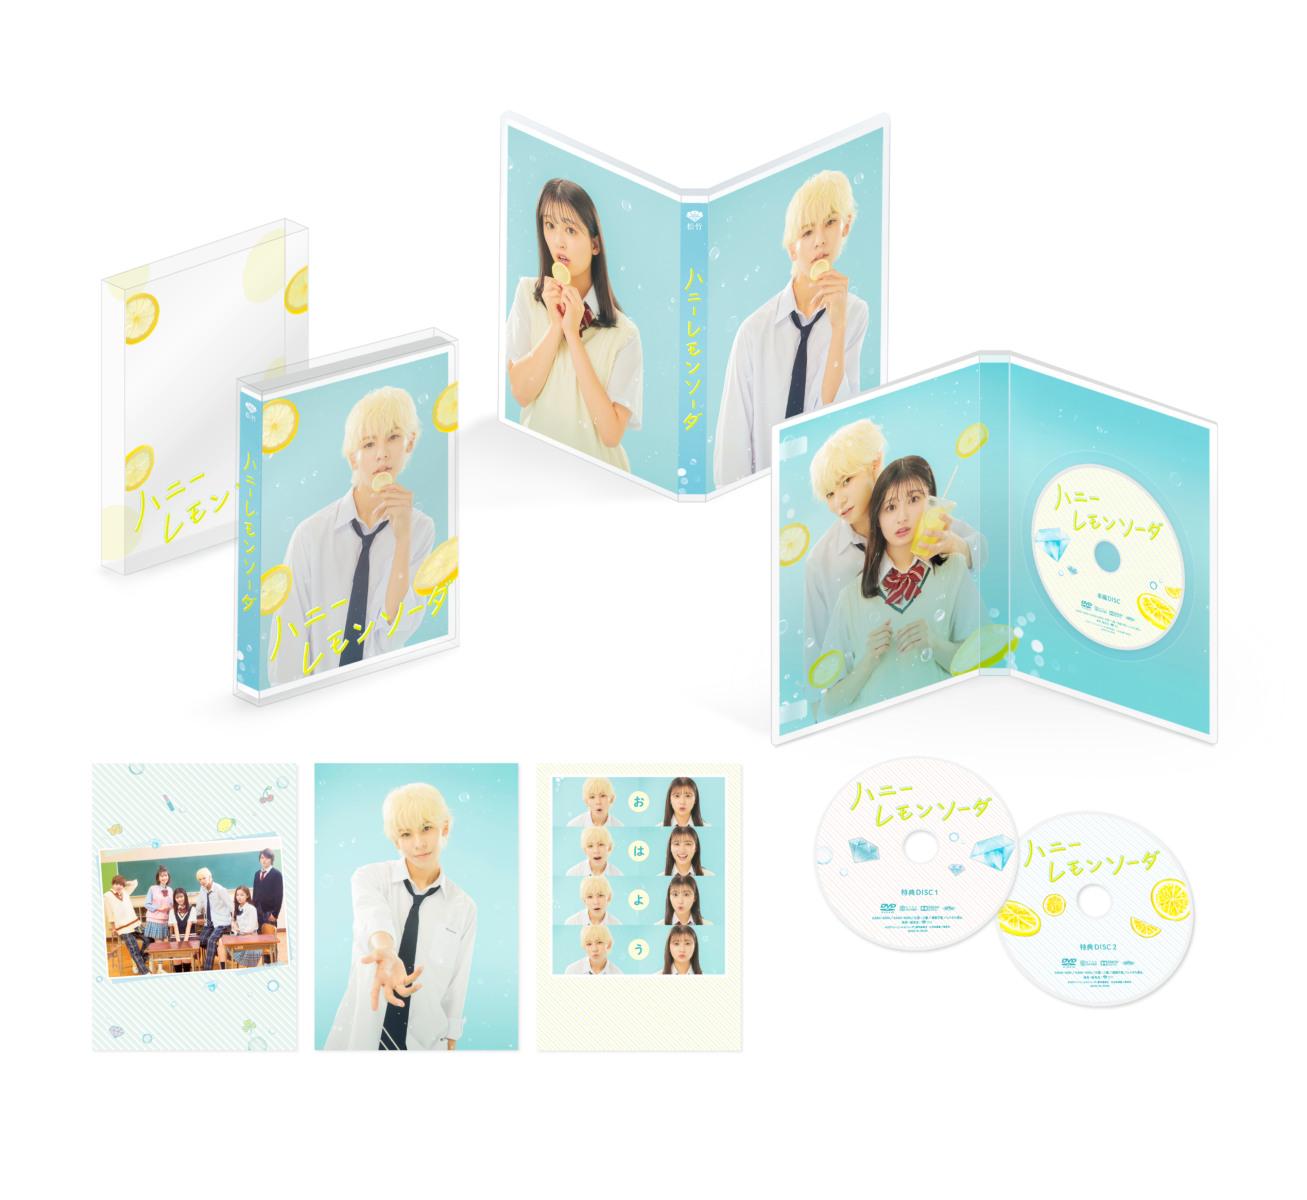 映画『ハニーレモンソーダ』Blu-ray&DVD発売決定!!ラウール&吉川愛より発売記念コメントも到着!!